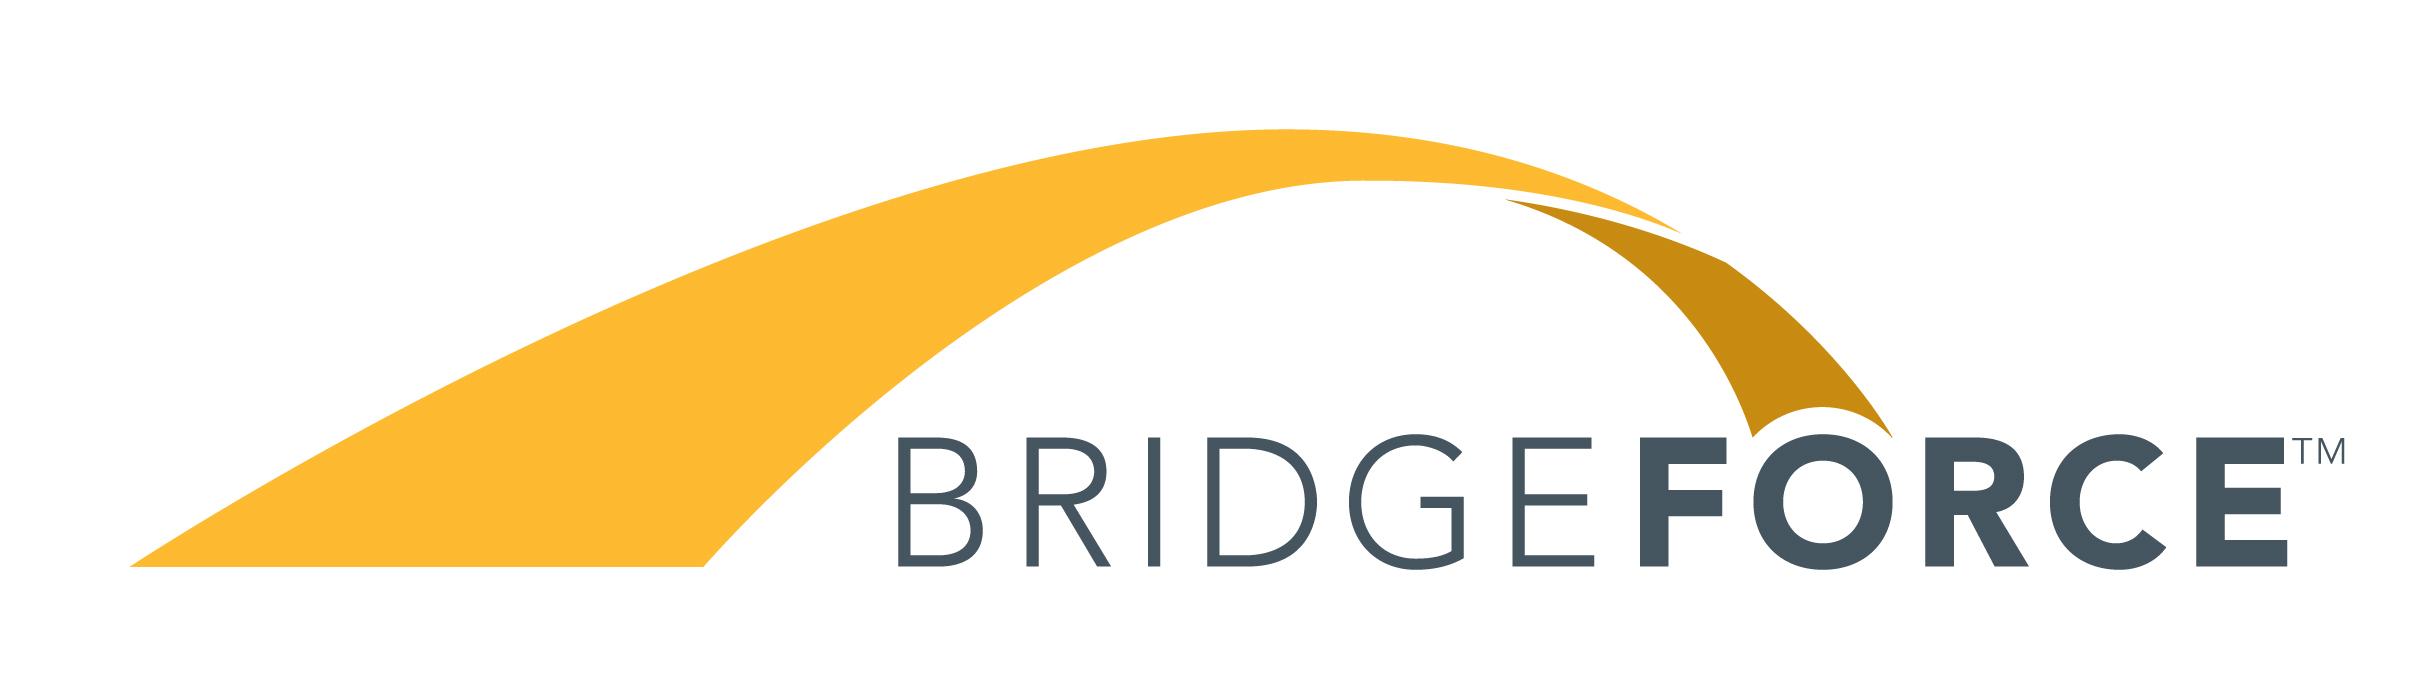 Bridgeforce